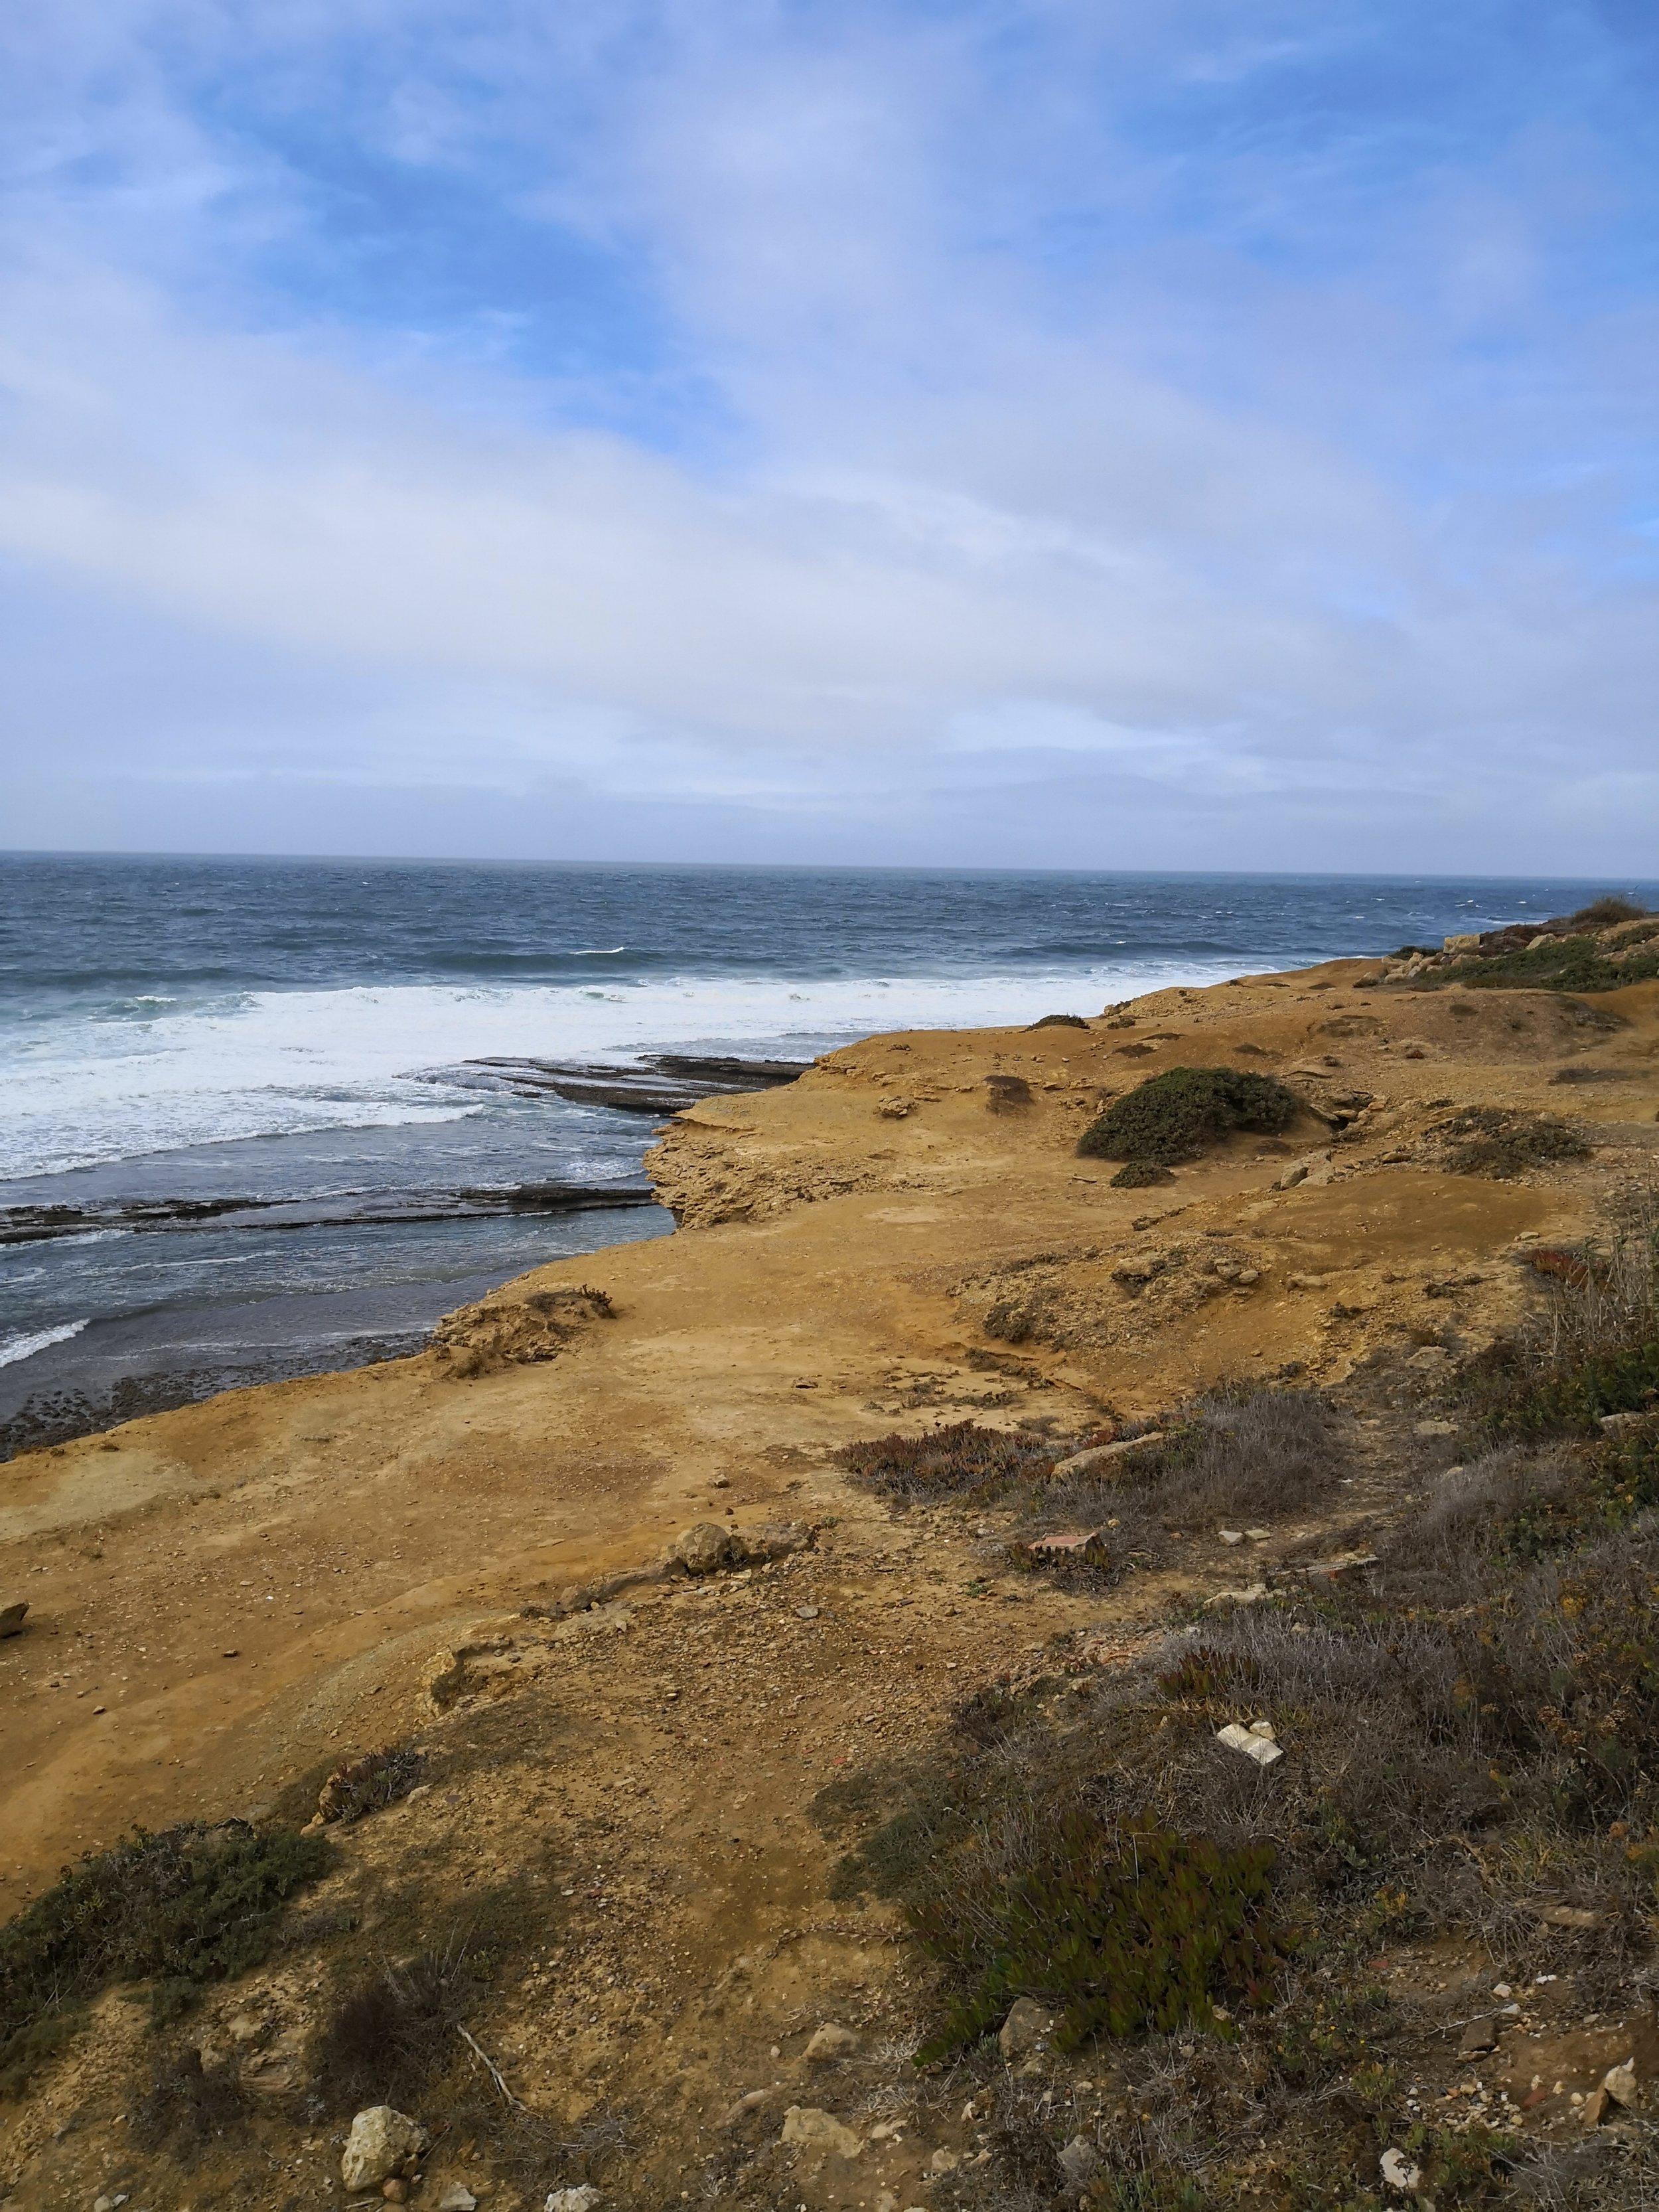 Küste-Strand-Meer-Ericeria.jpg